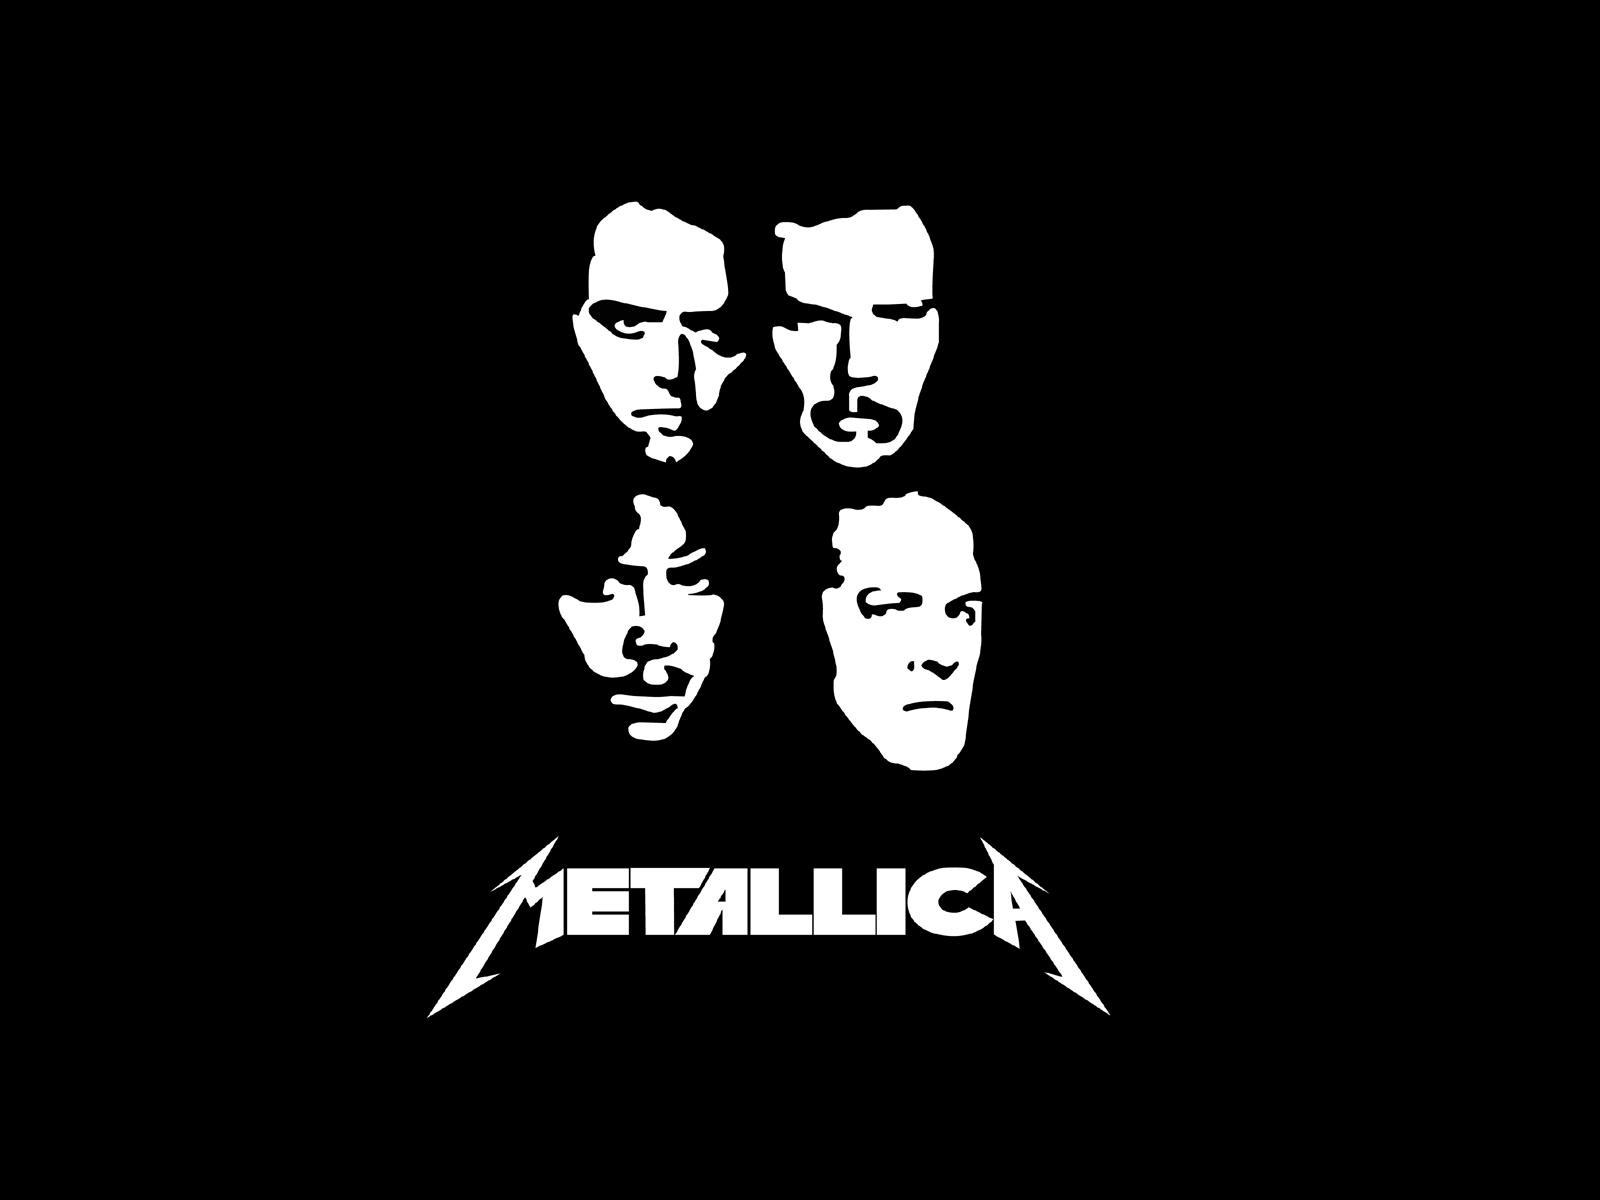 Metallica by under18carbon on DeviantArt